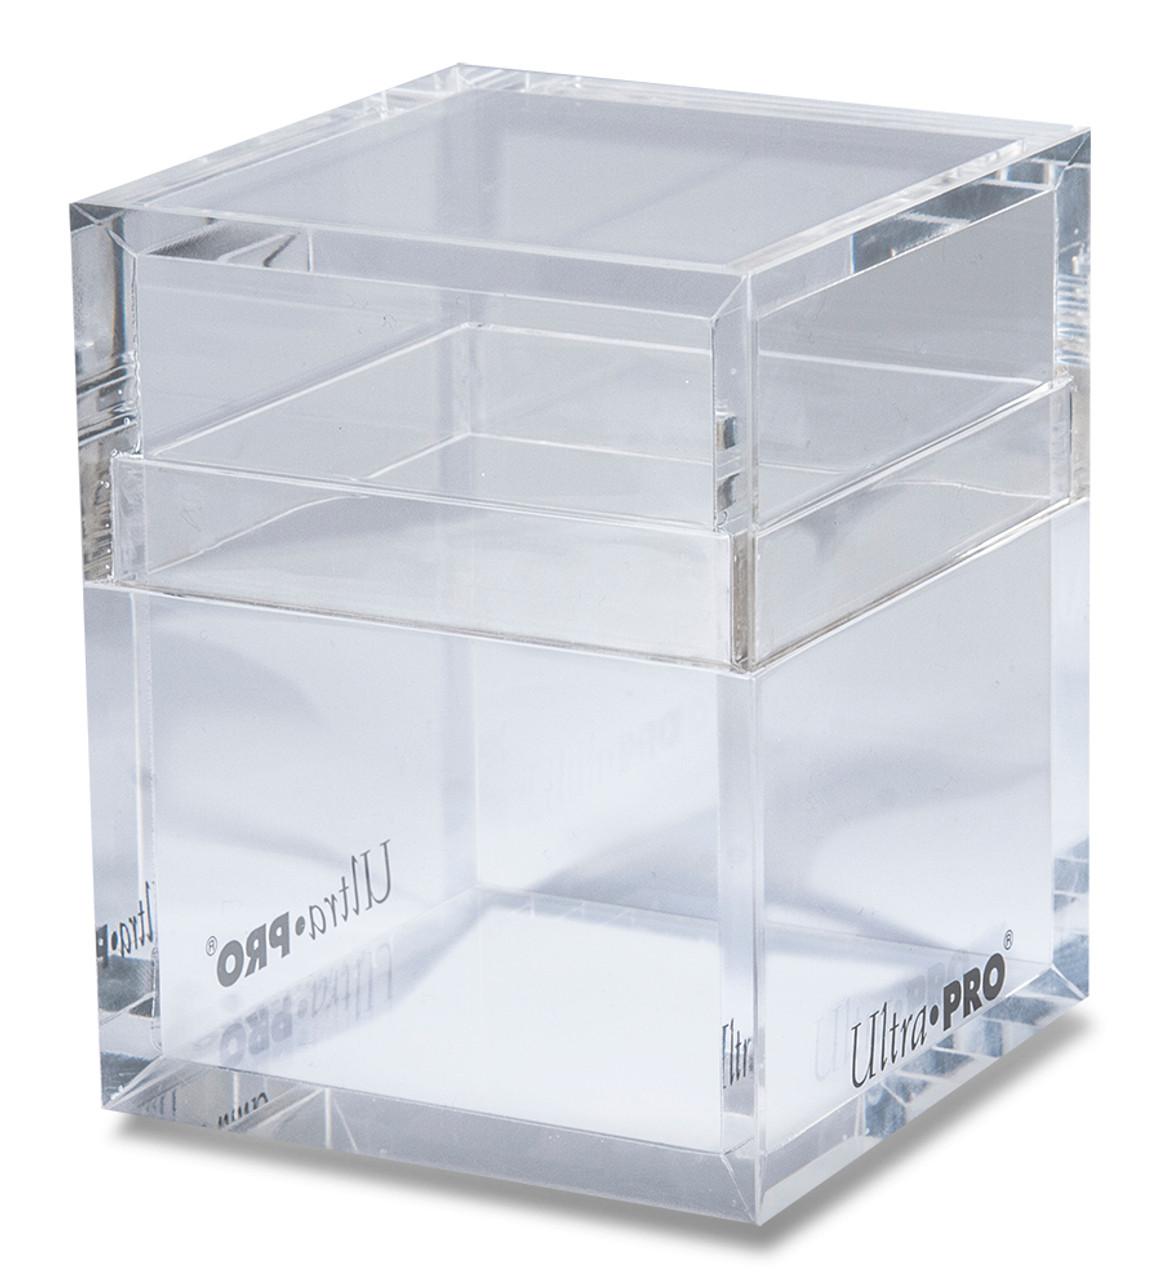 Ice Tower Display Box